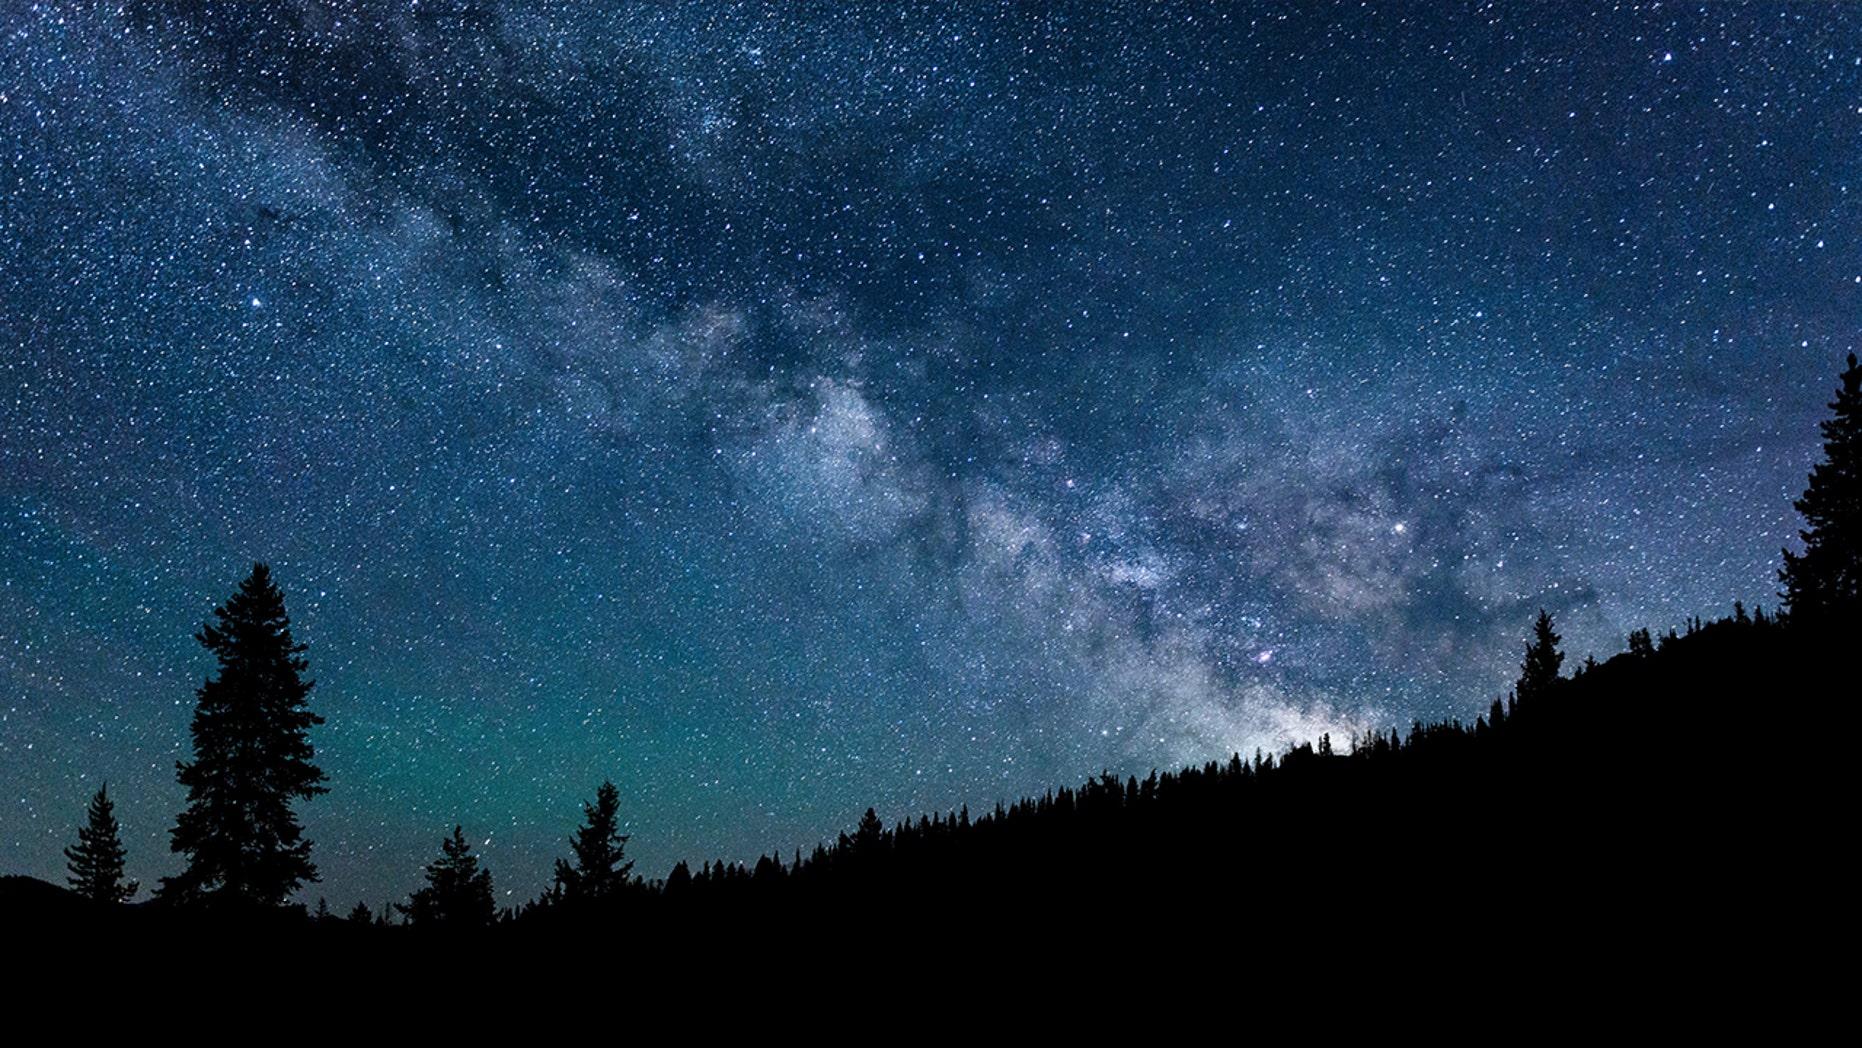 The Milky Way over the Smoky Mountains near Ketchum, Idaho.